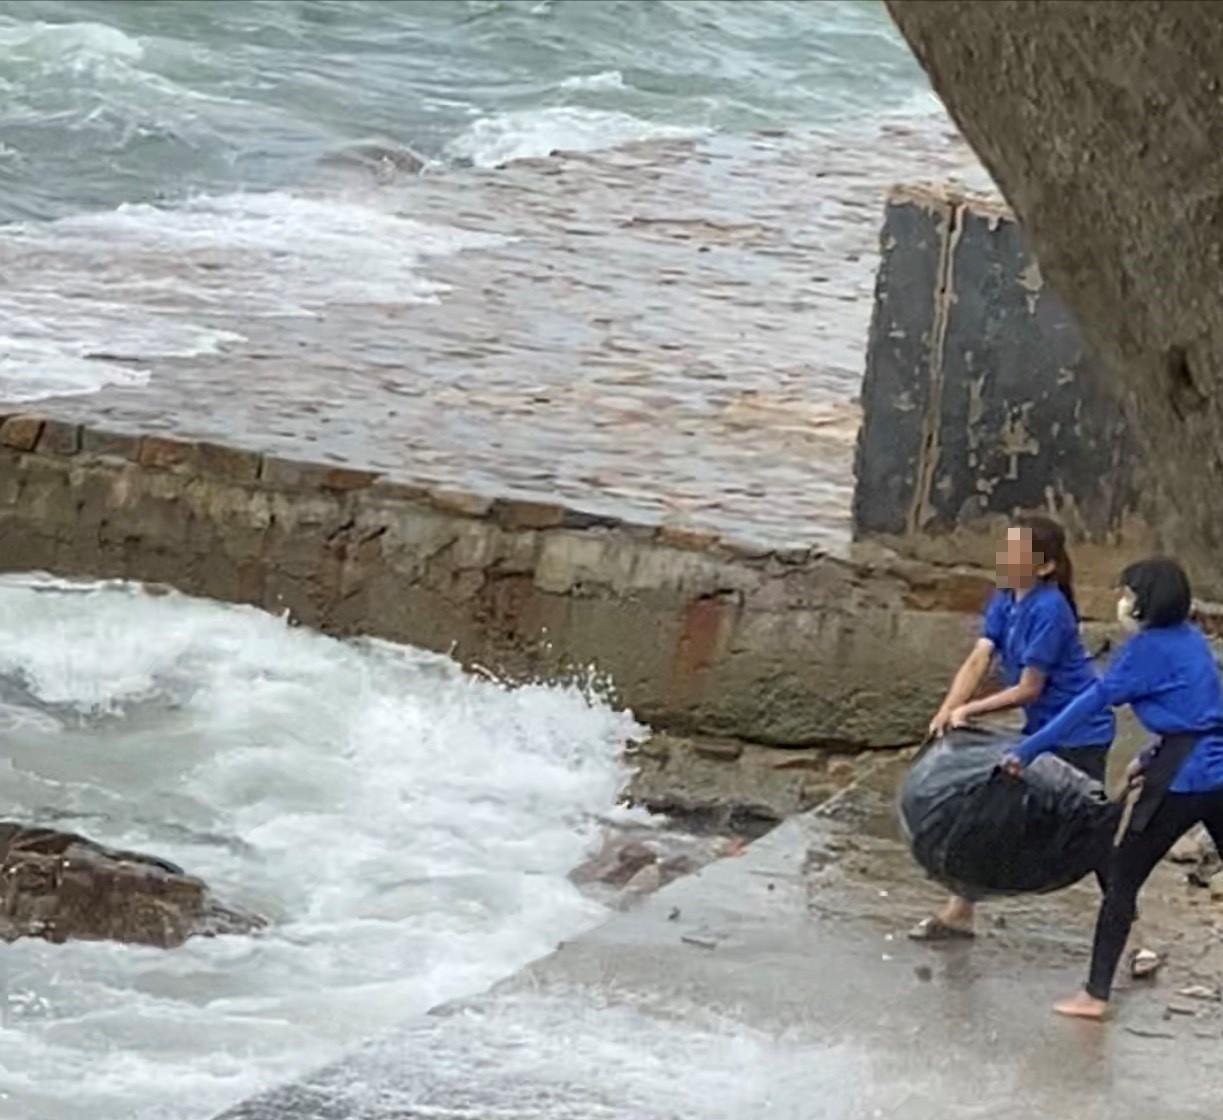 Phẫn nộ vì nhân viên quán cà phê vứt hàng chục bao tải rác xuống biển Vũng Tàu - Ảnh 2.